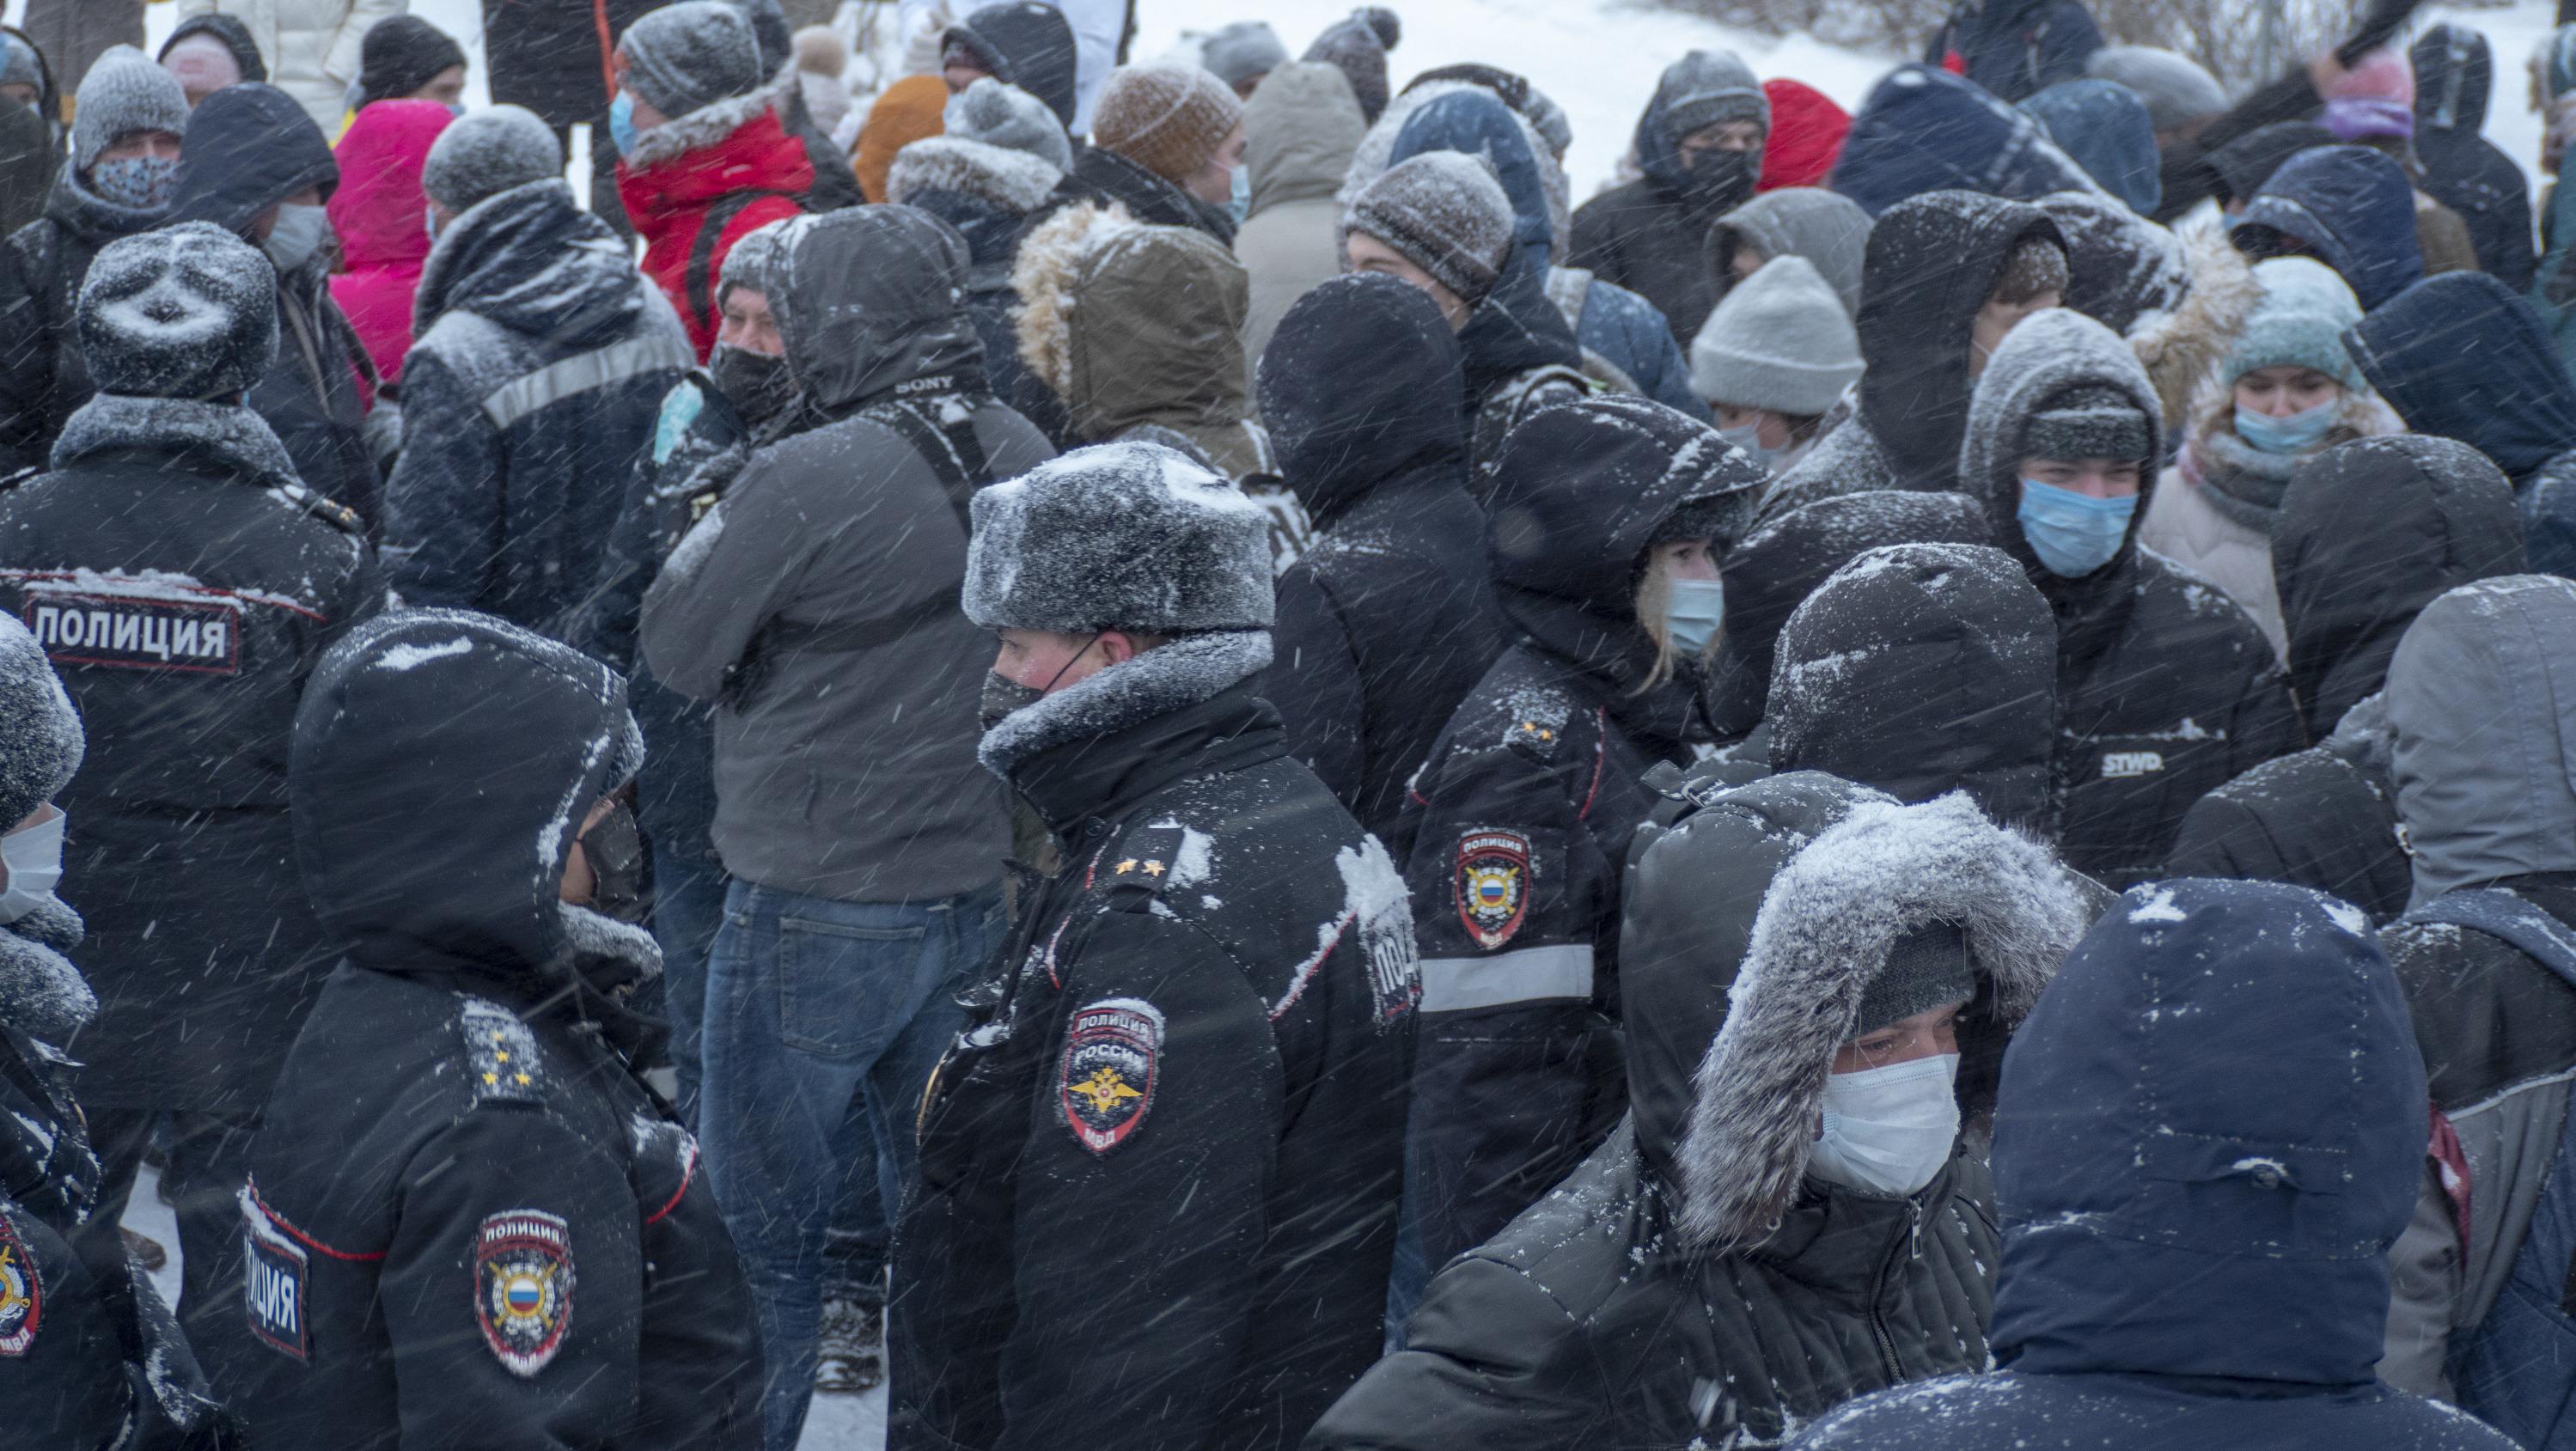 Протестующие хотели пойти на площадь Ленина, но в итоге остались у Вечного огня